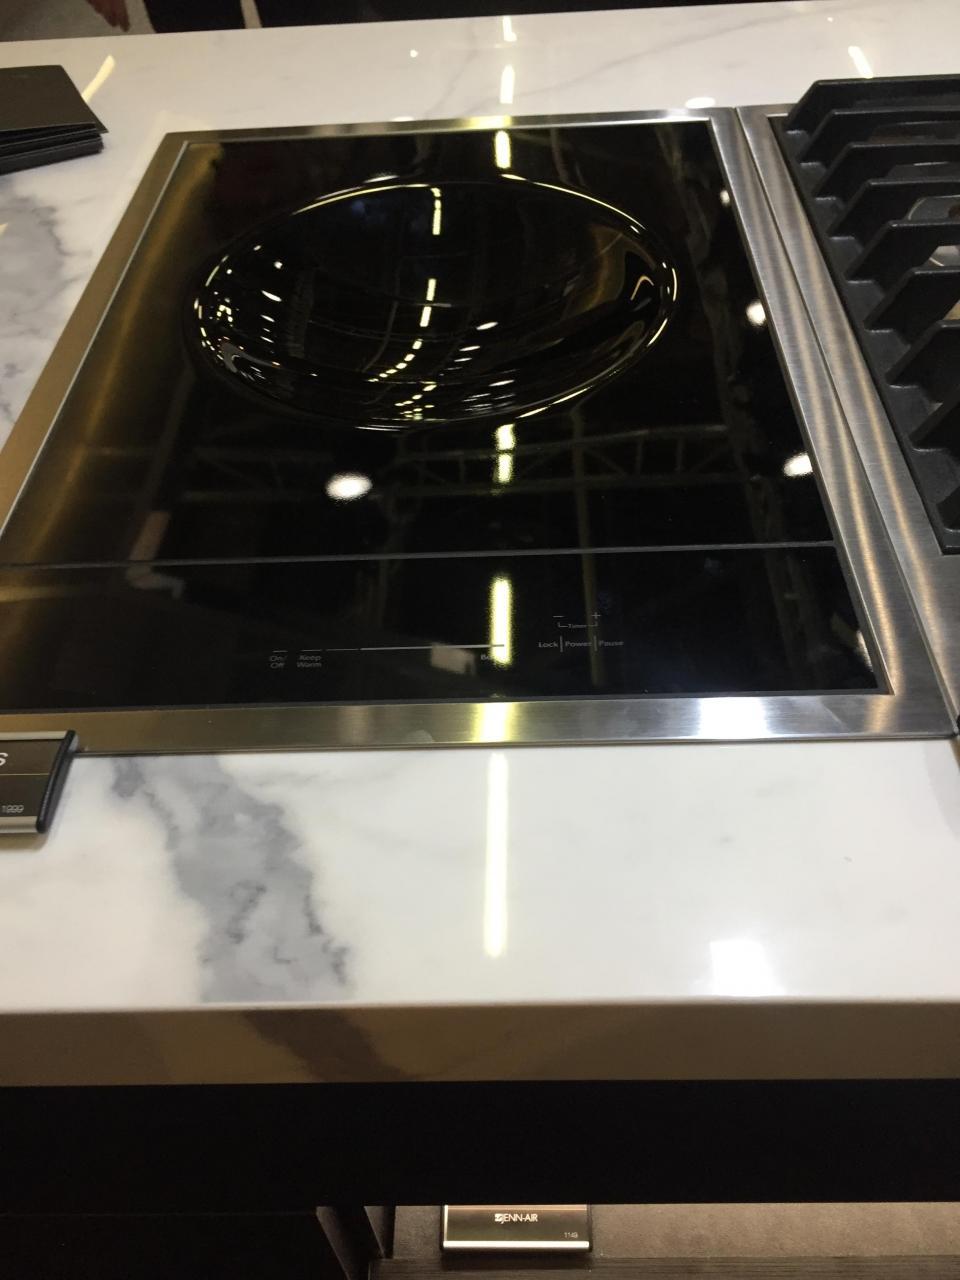 Jenn-Air Modular Cooktop